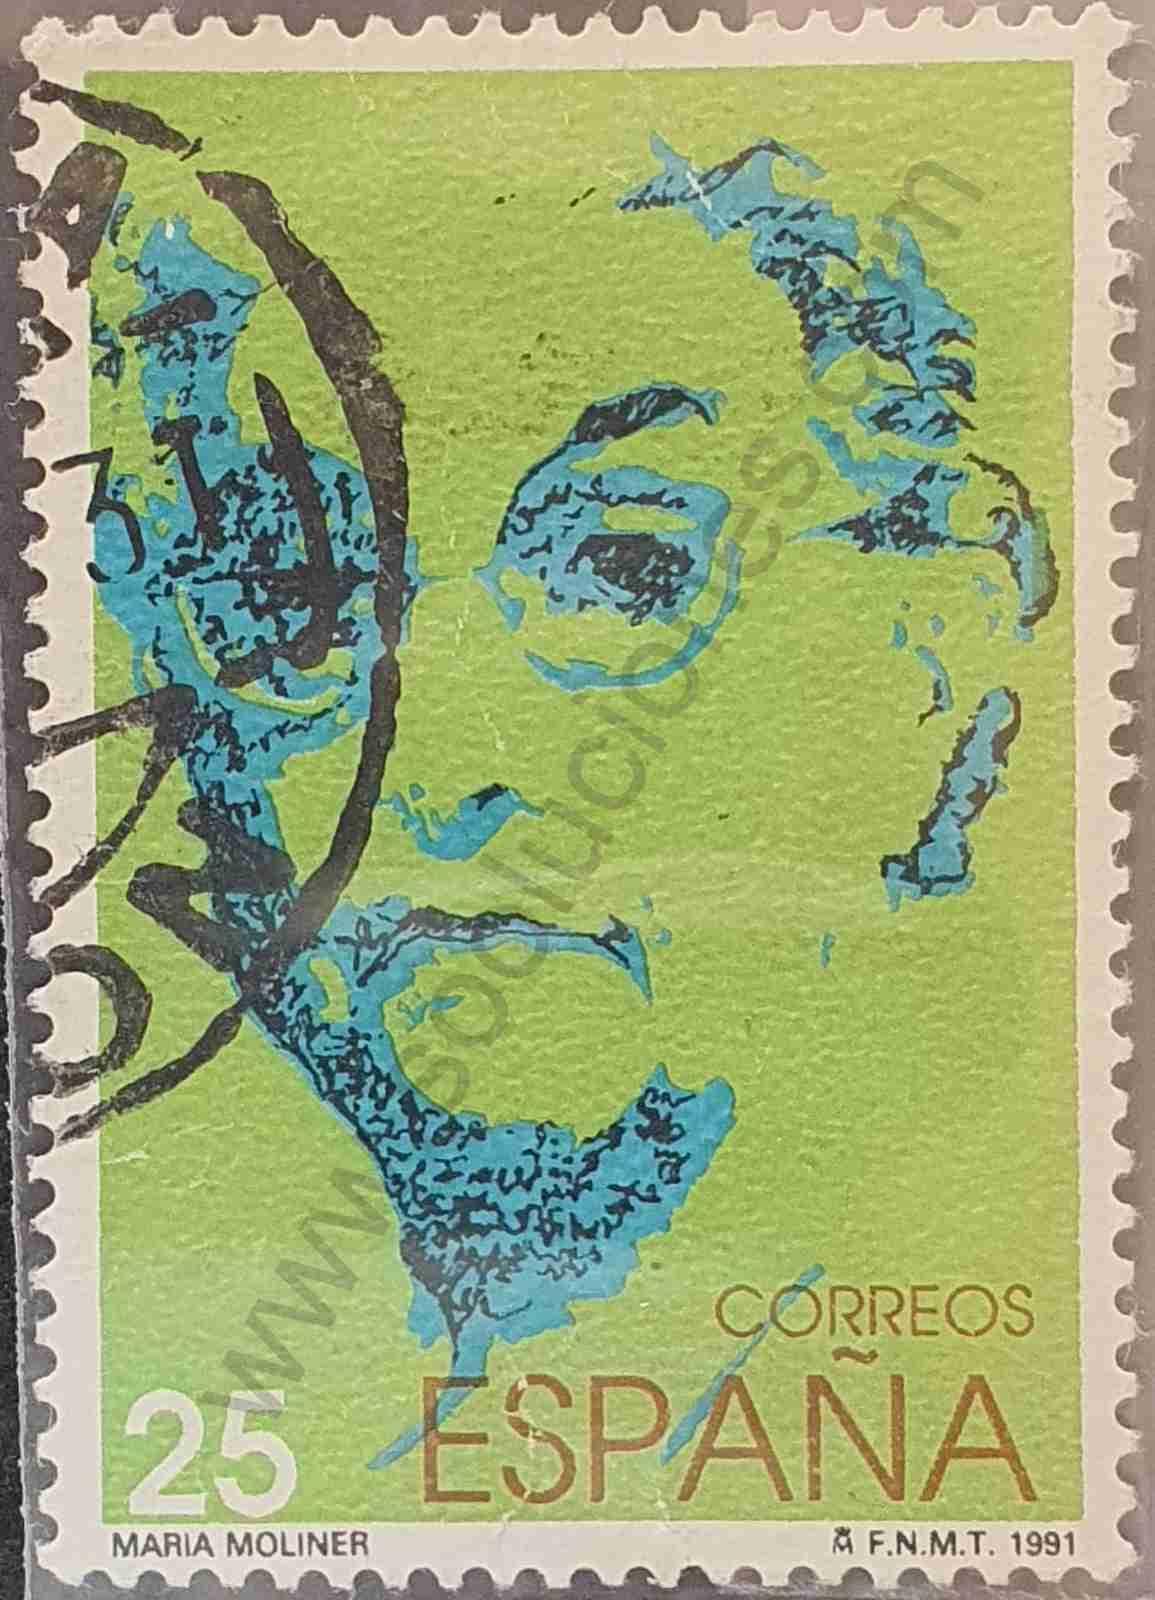 Maria Moliner - Sello España 1991